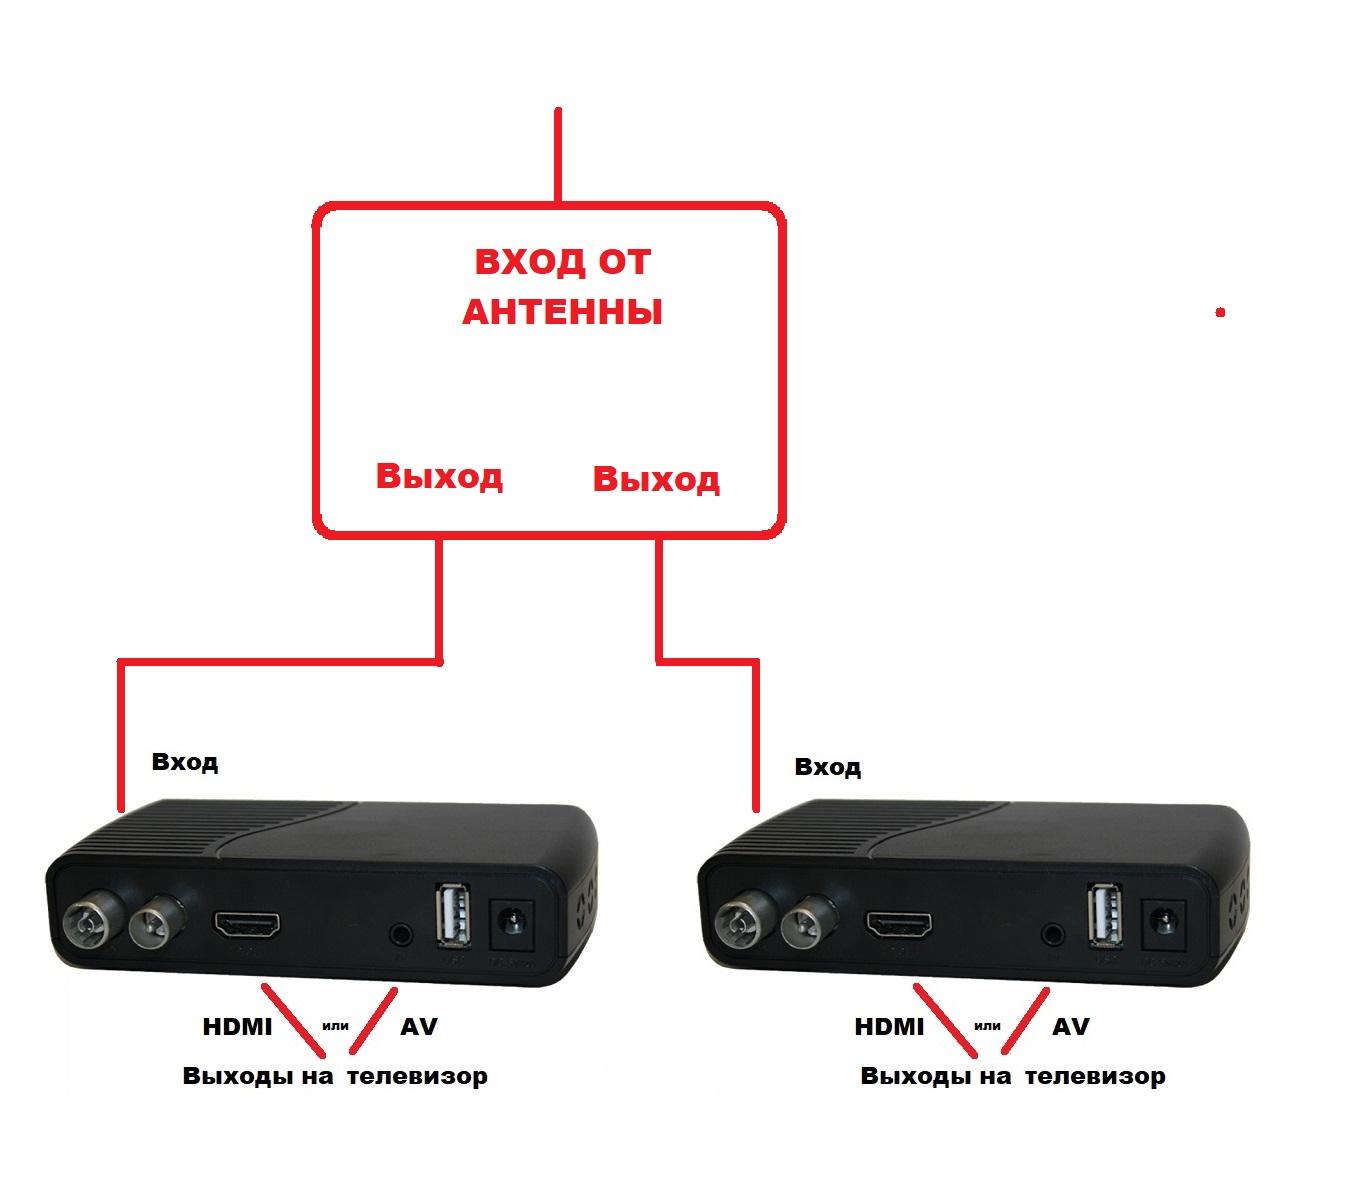 питание активной антенны с помощью проходных делителей для двух и более телевизоров ресиверов цифрового сигнала